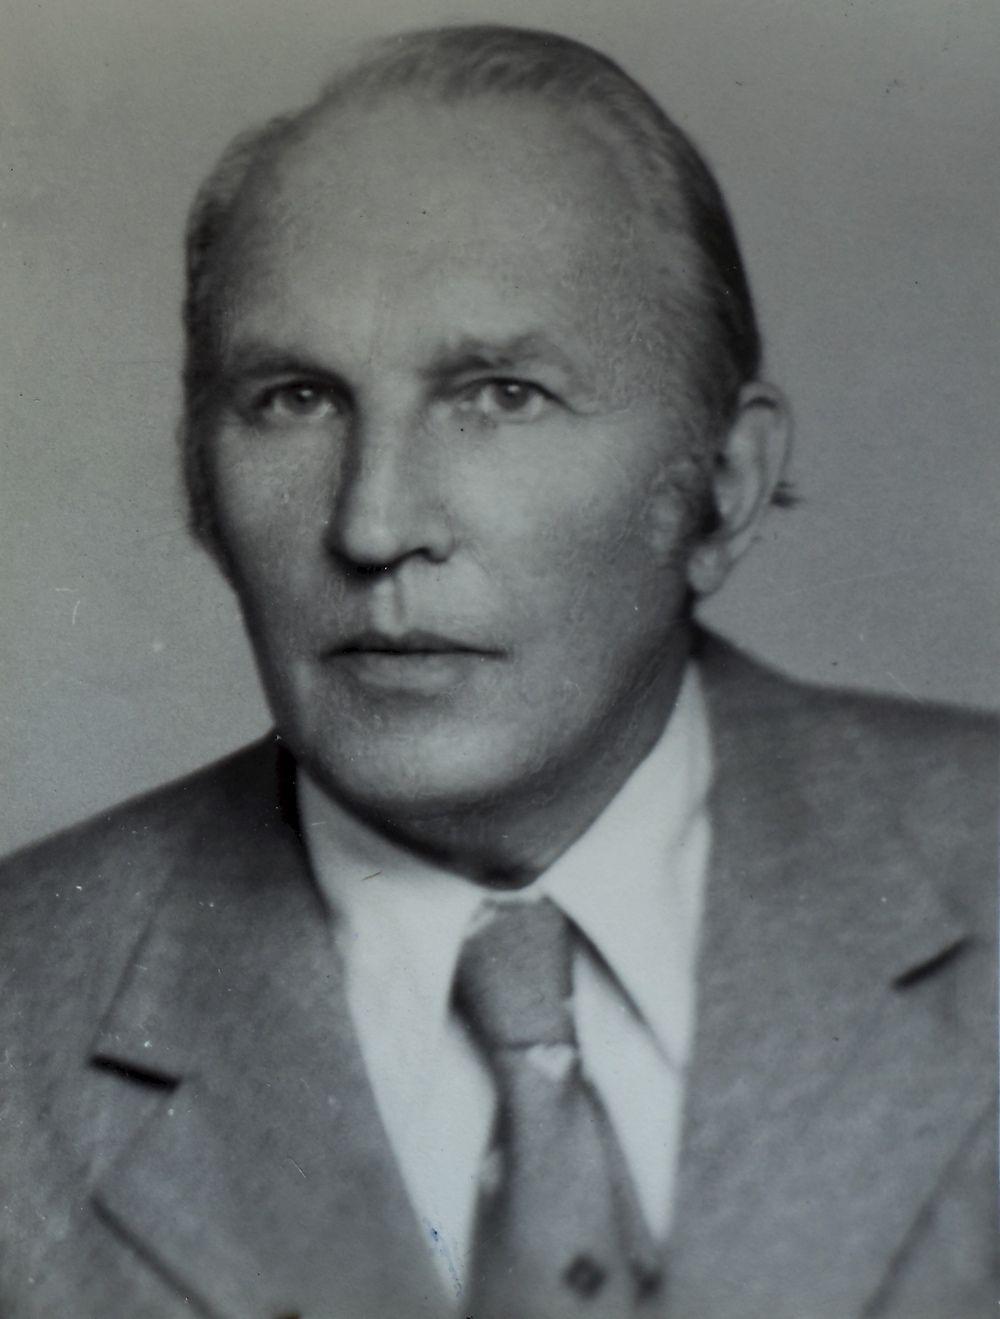 Zdjęcie paszportowe Romana Hrabara, to on po wojnie poszukiwał porwanych przez nazistów polskich dzieci (źródło: IPN - reprodukcja Grzegorz Celejewski / Agencja Gazeta).